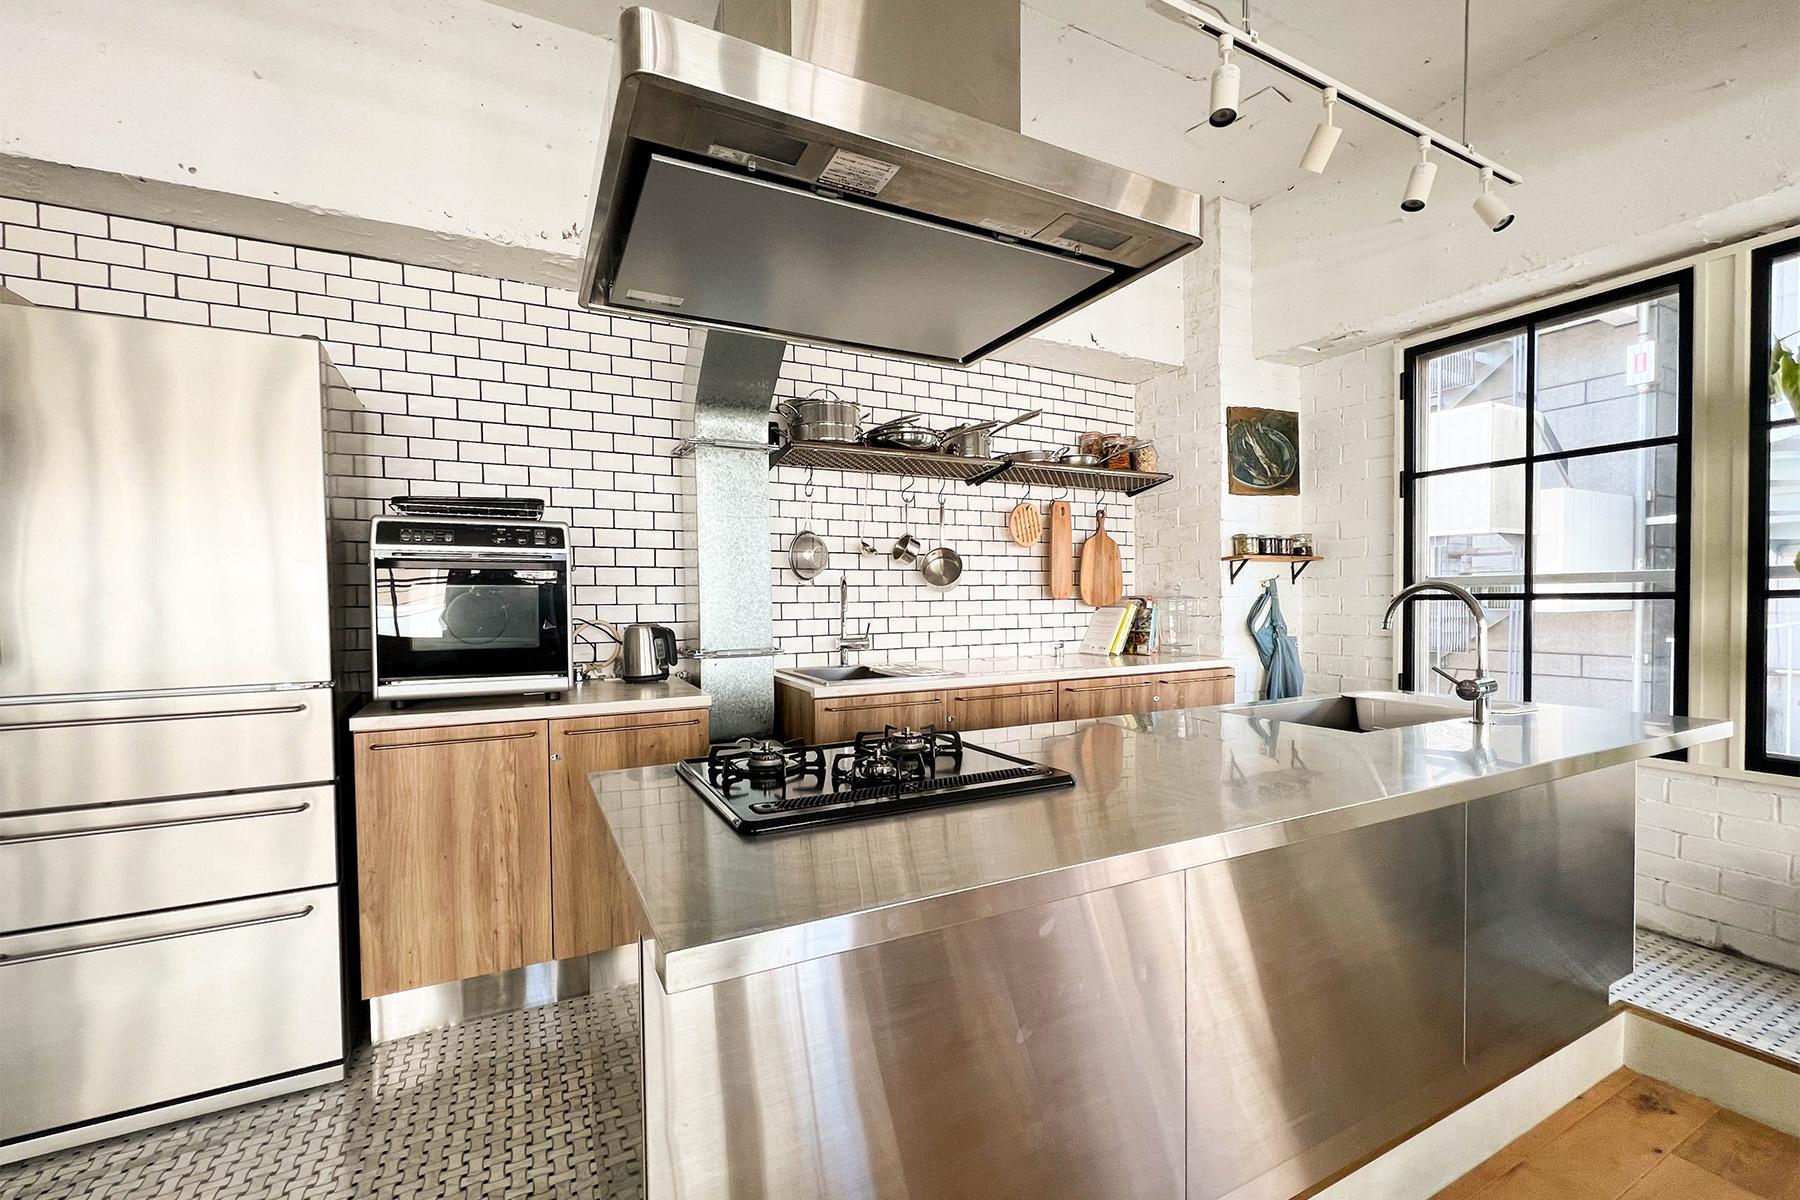 atelier rauque Cstudio (アトリエロークCスタジオ)キッチン